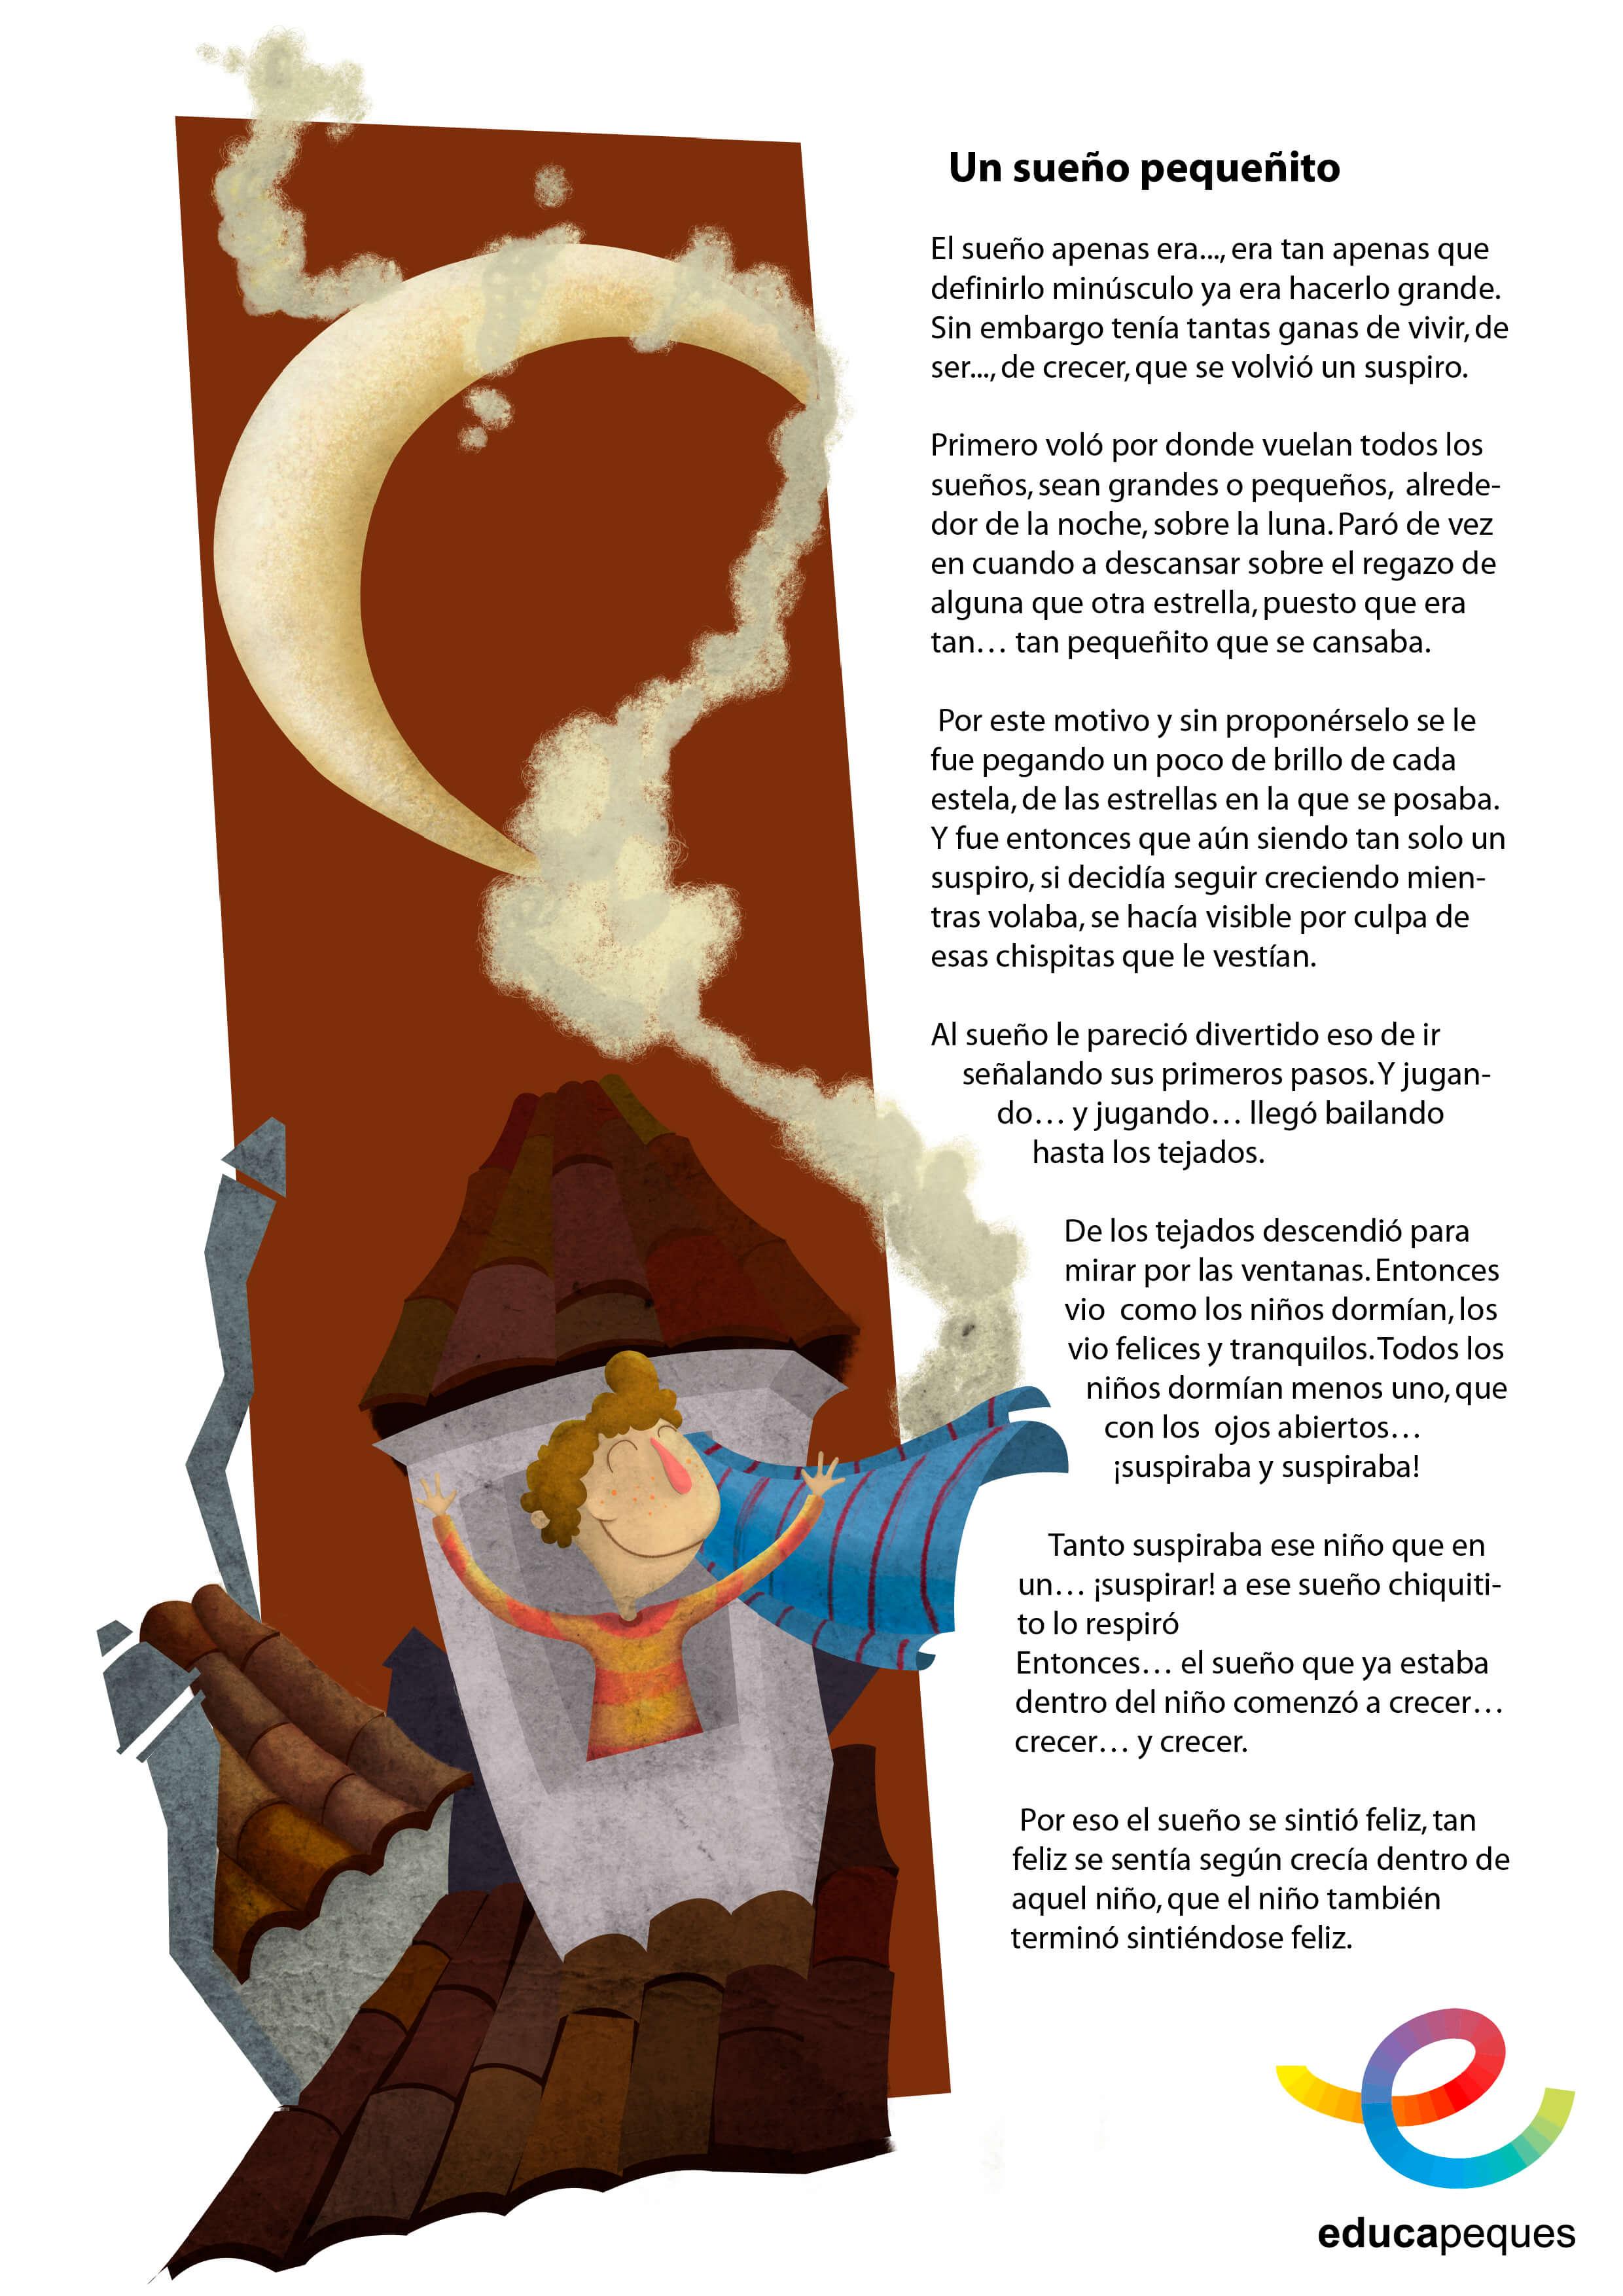 cuentos infantiles cortos, cuentos infantiles, cuentos para niños, lectura infantil, cuentos